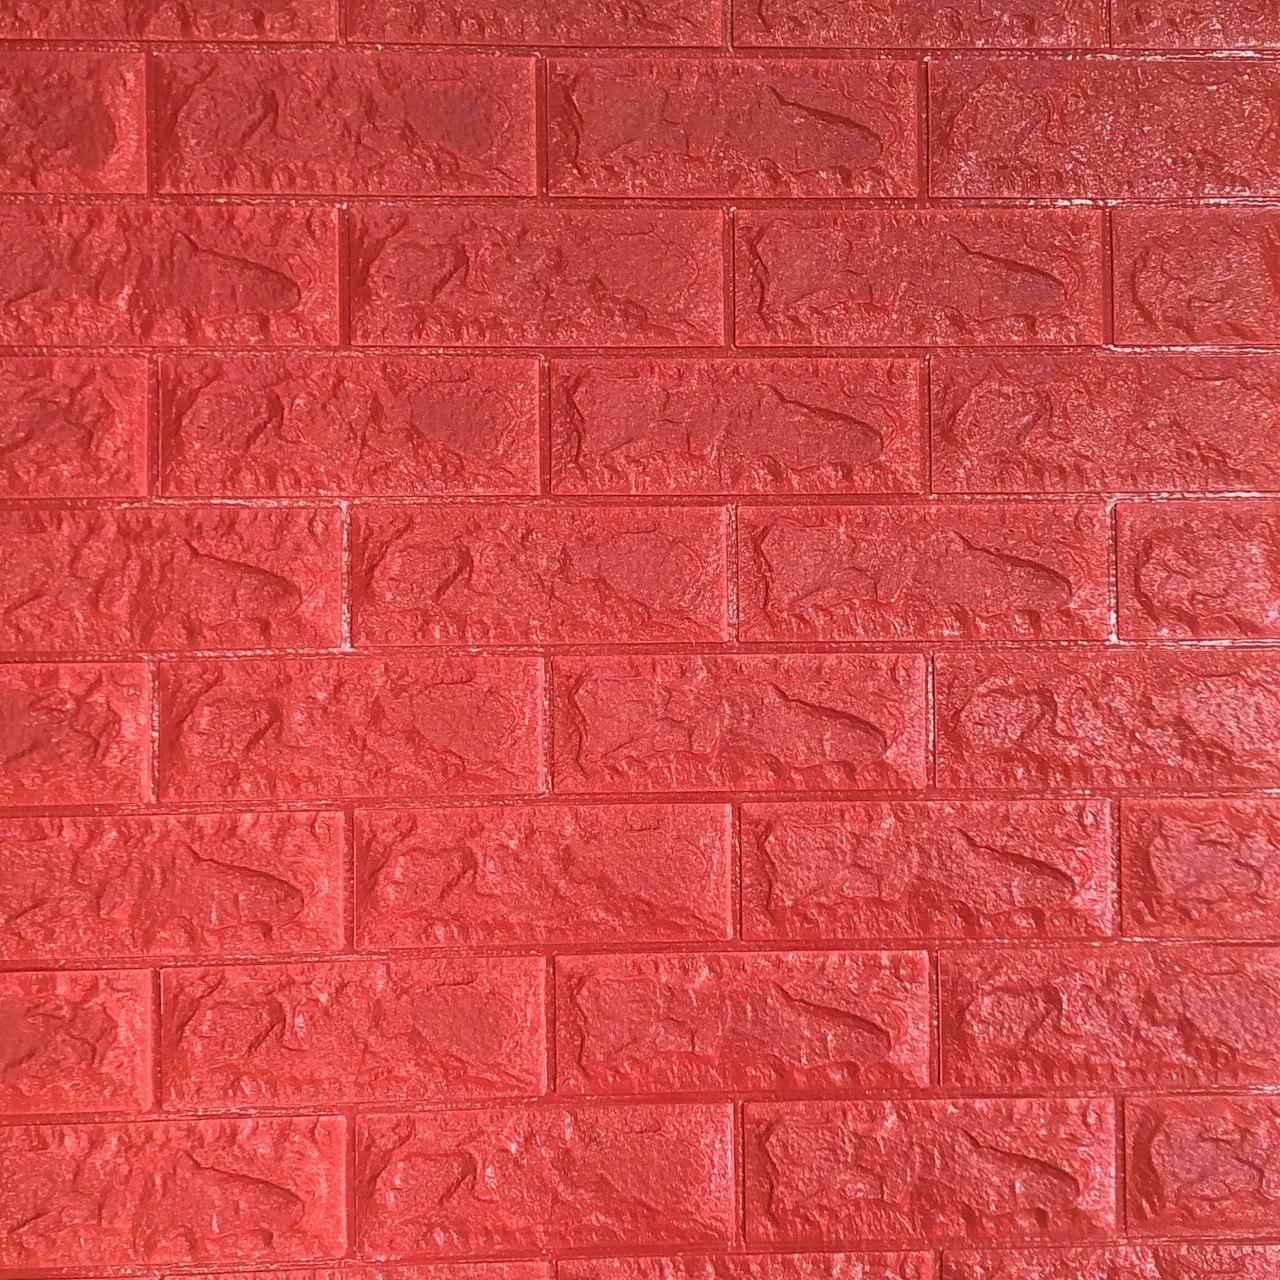 3д панель стіновий декоративний Цегла Червона (самоклеючі 3d панелі для стін оригінал) 700x770x7 мм